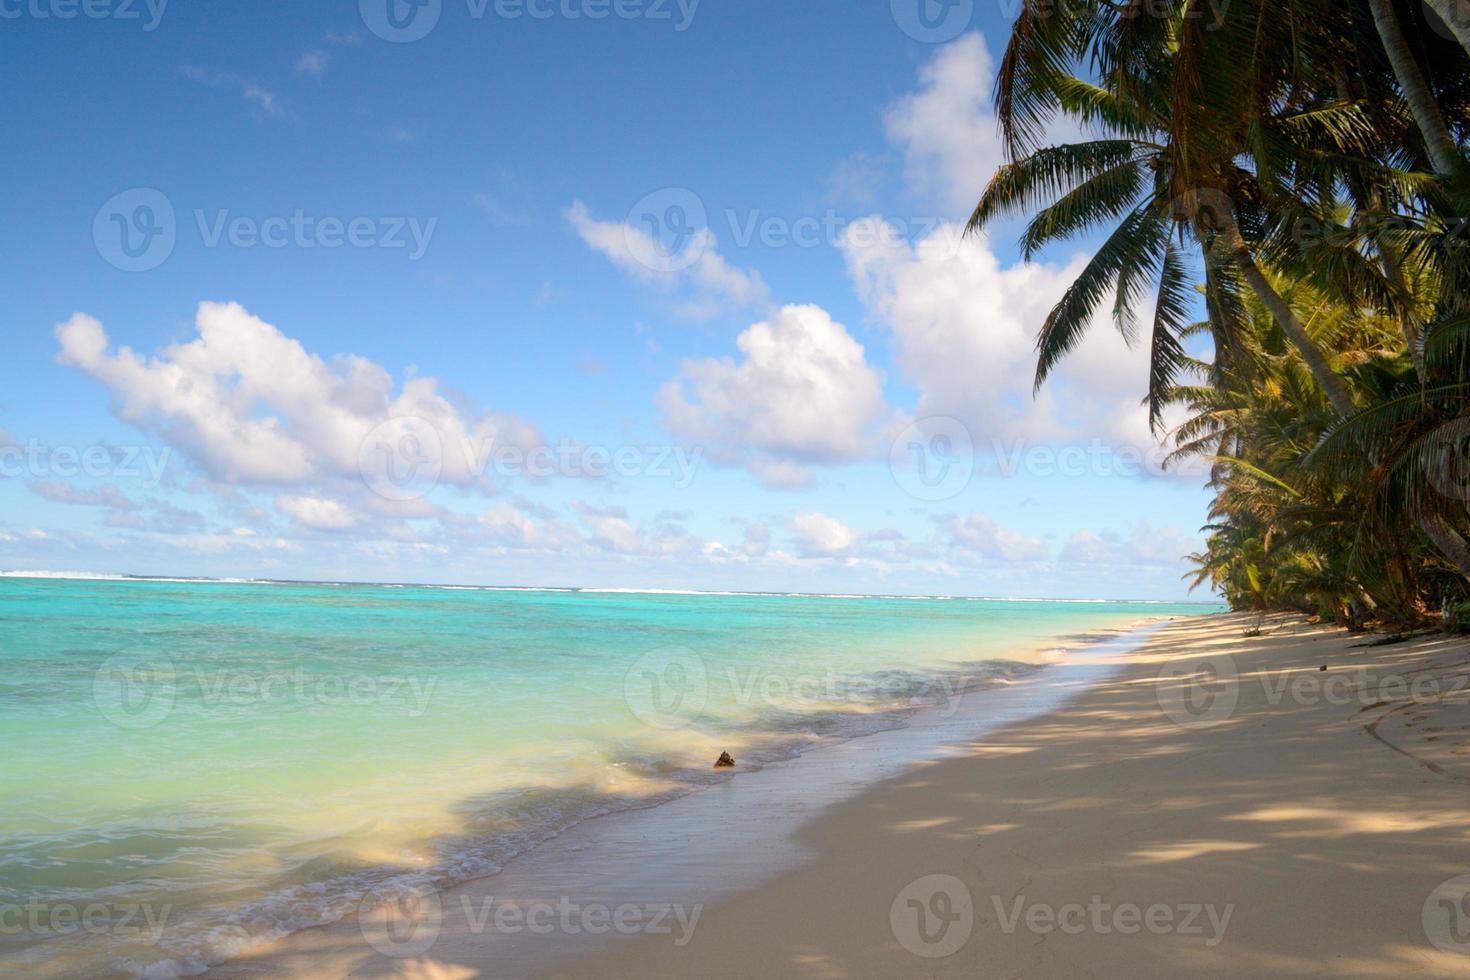 schattiger tropischer Strand foto